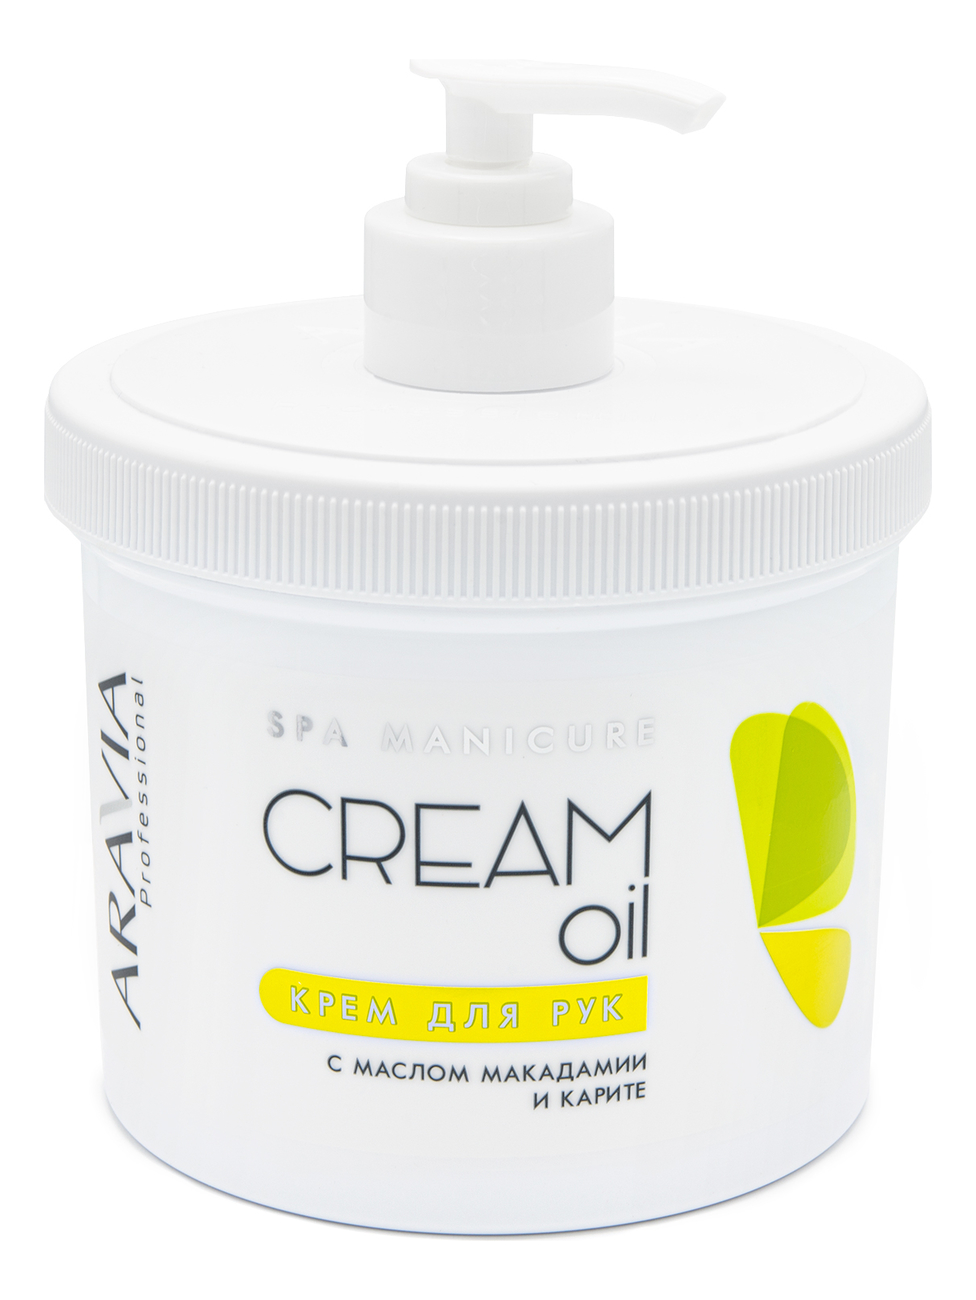 Крем для рук с маслом макадамии и карите Professional Cream Oil: Крем 550мл крем для рук aravia professional cream oil с маслом кокоса и манго 550 мл